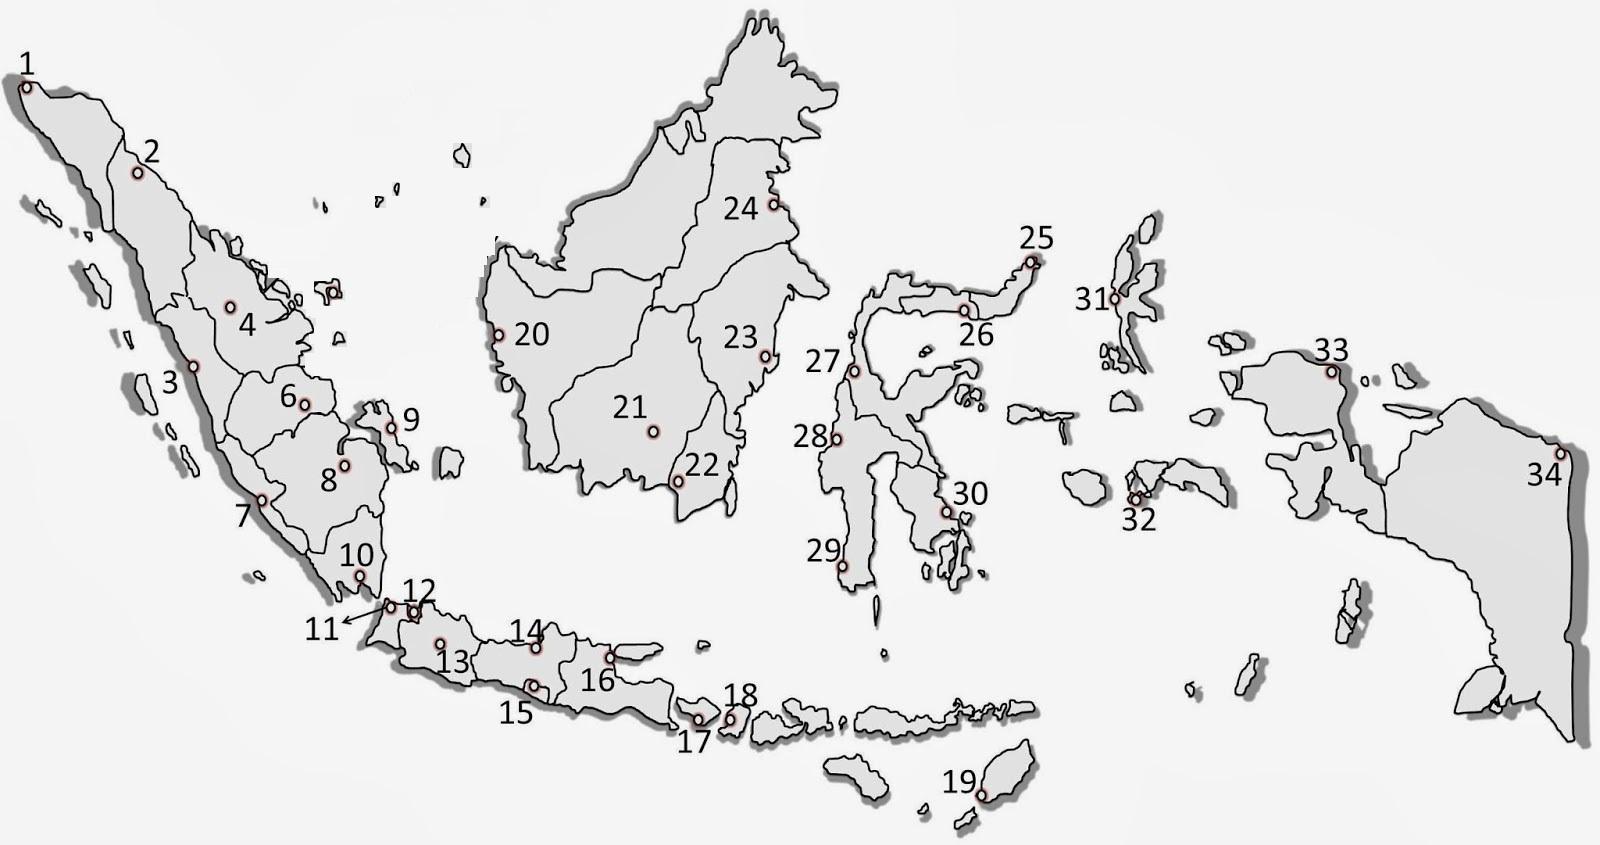 Radvil • 4 years ago. Peta Indonesia Hd Gambar Batas Luas Nama Provinsinya Lengkap The Book